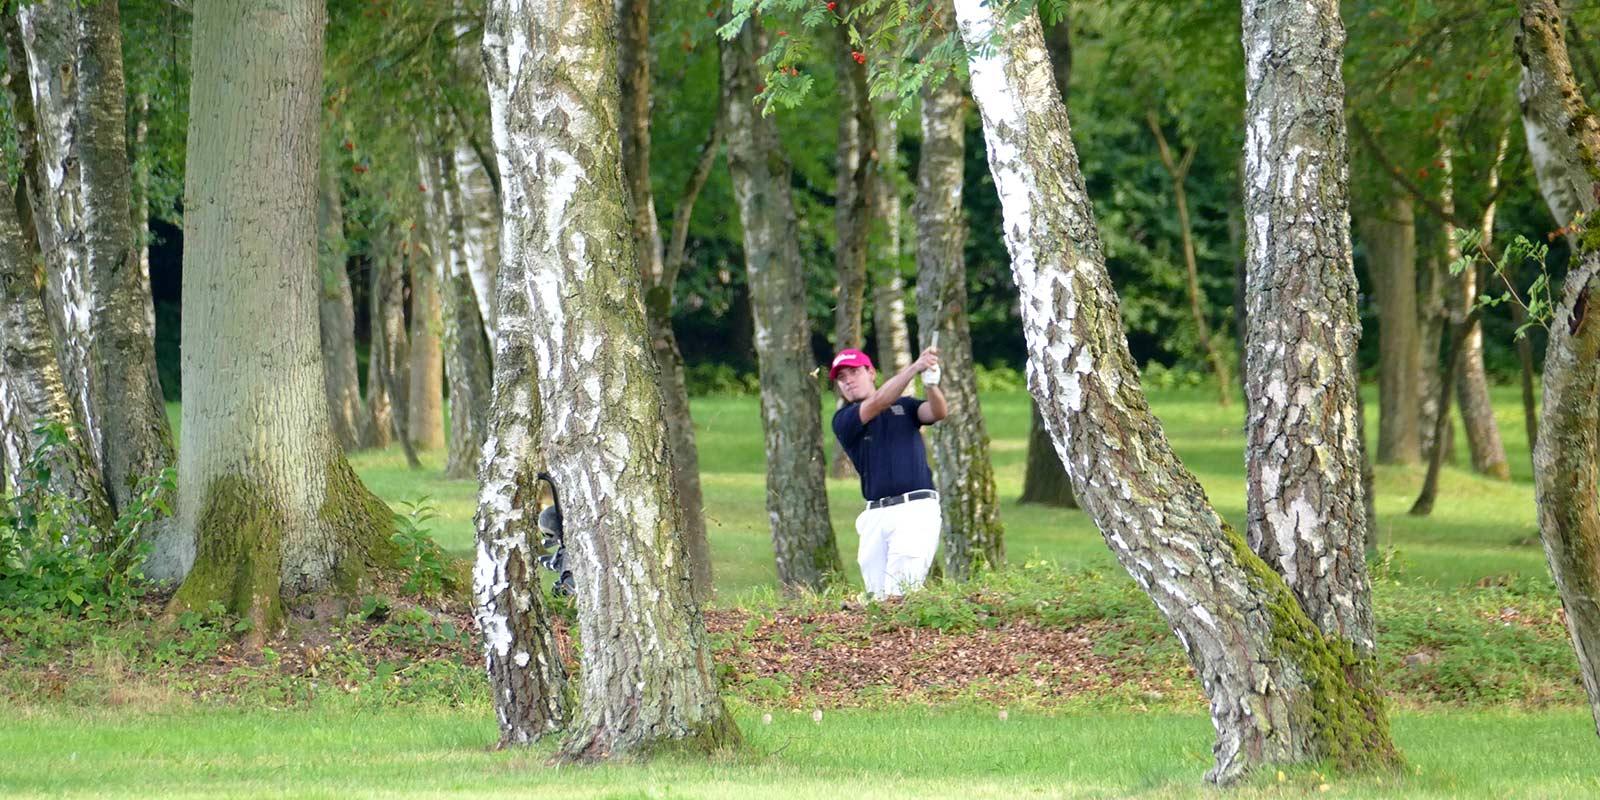 Grambek Open 2021 - Spieler schlägt Ball durch die Bäume